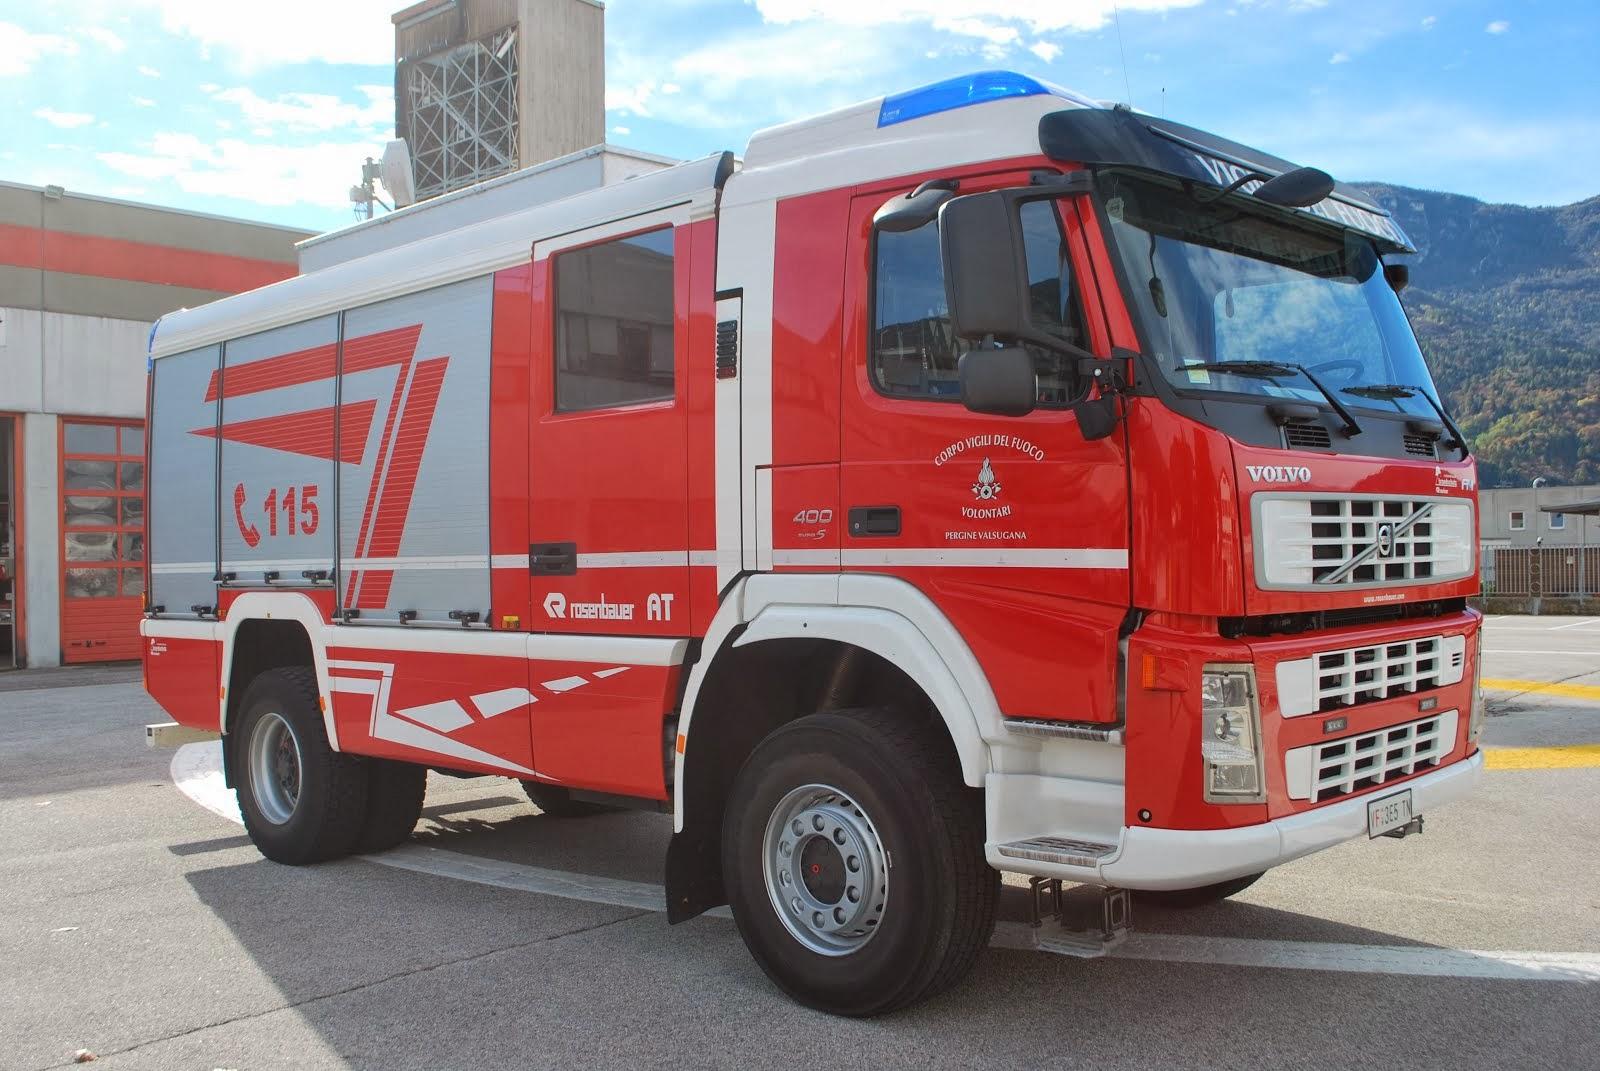 Camion Vigili Del Fuoco di Pergine Valsugana Volvo con allestimento autopompa Rosenbauer